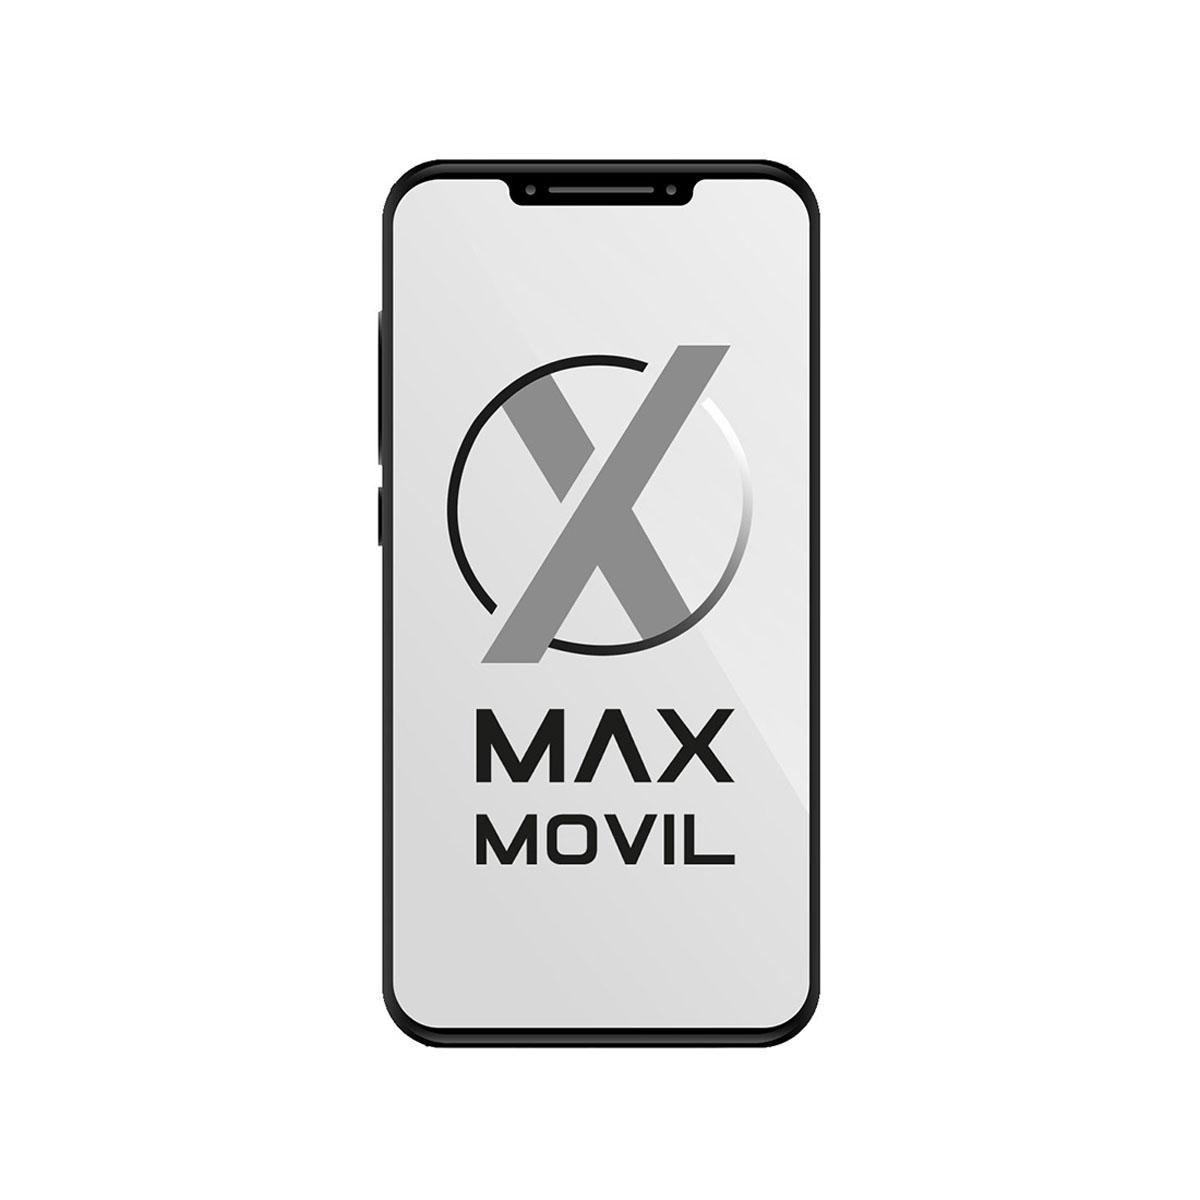 Samsung Galaxy S7 G930F Blanco 32Gb libre en MAXmovil